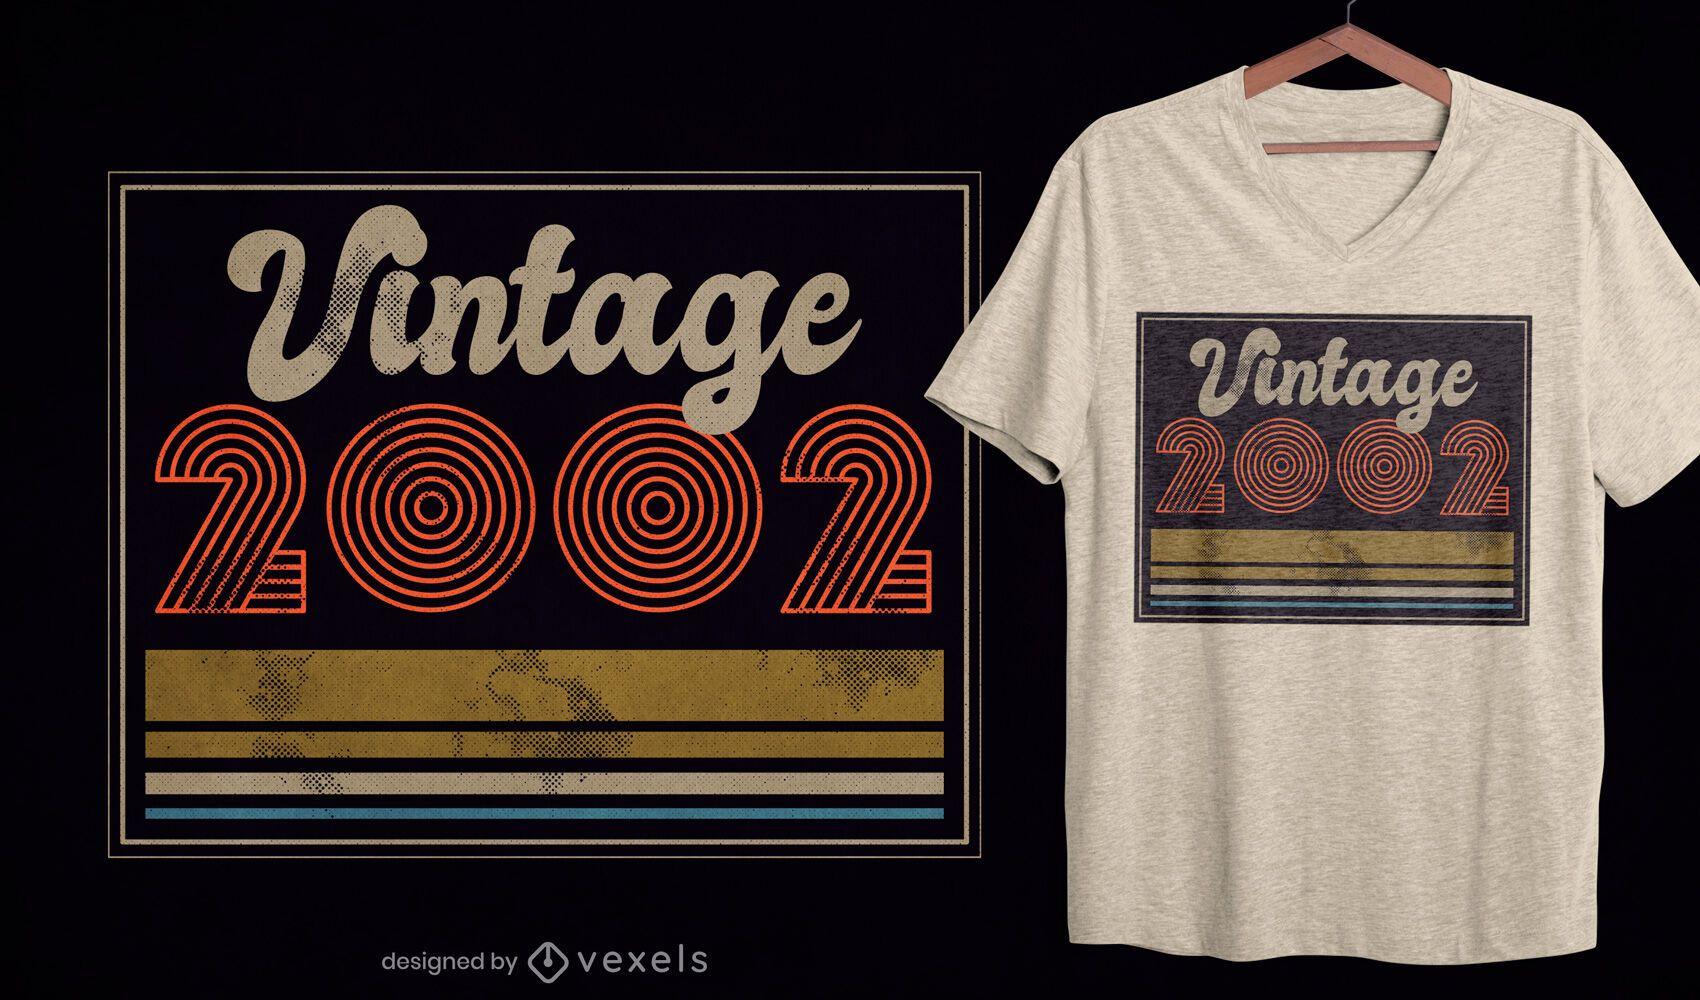 Diseño de camiseta vintage 2002